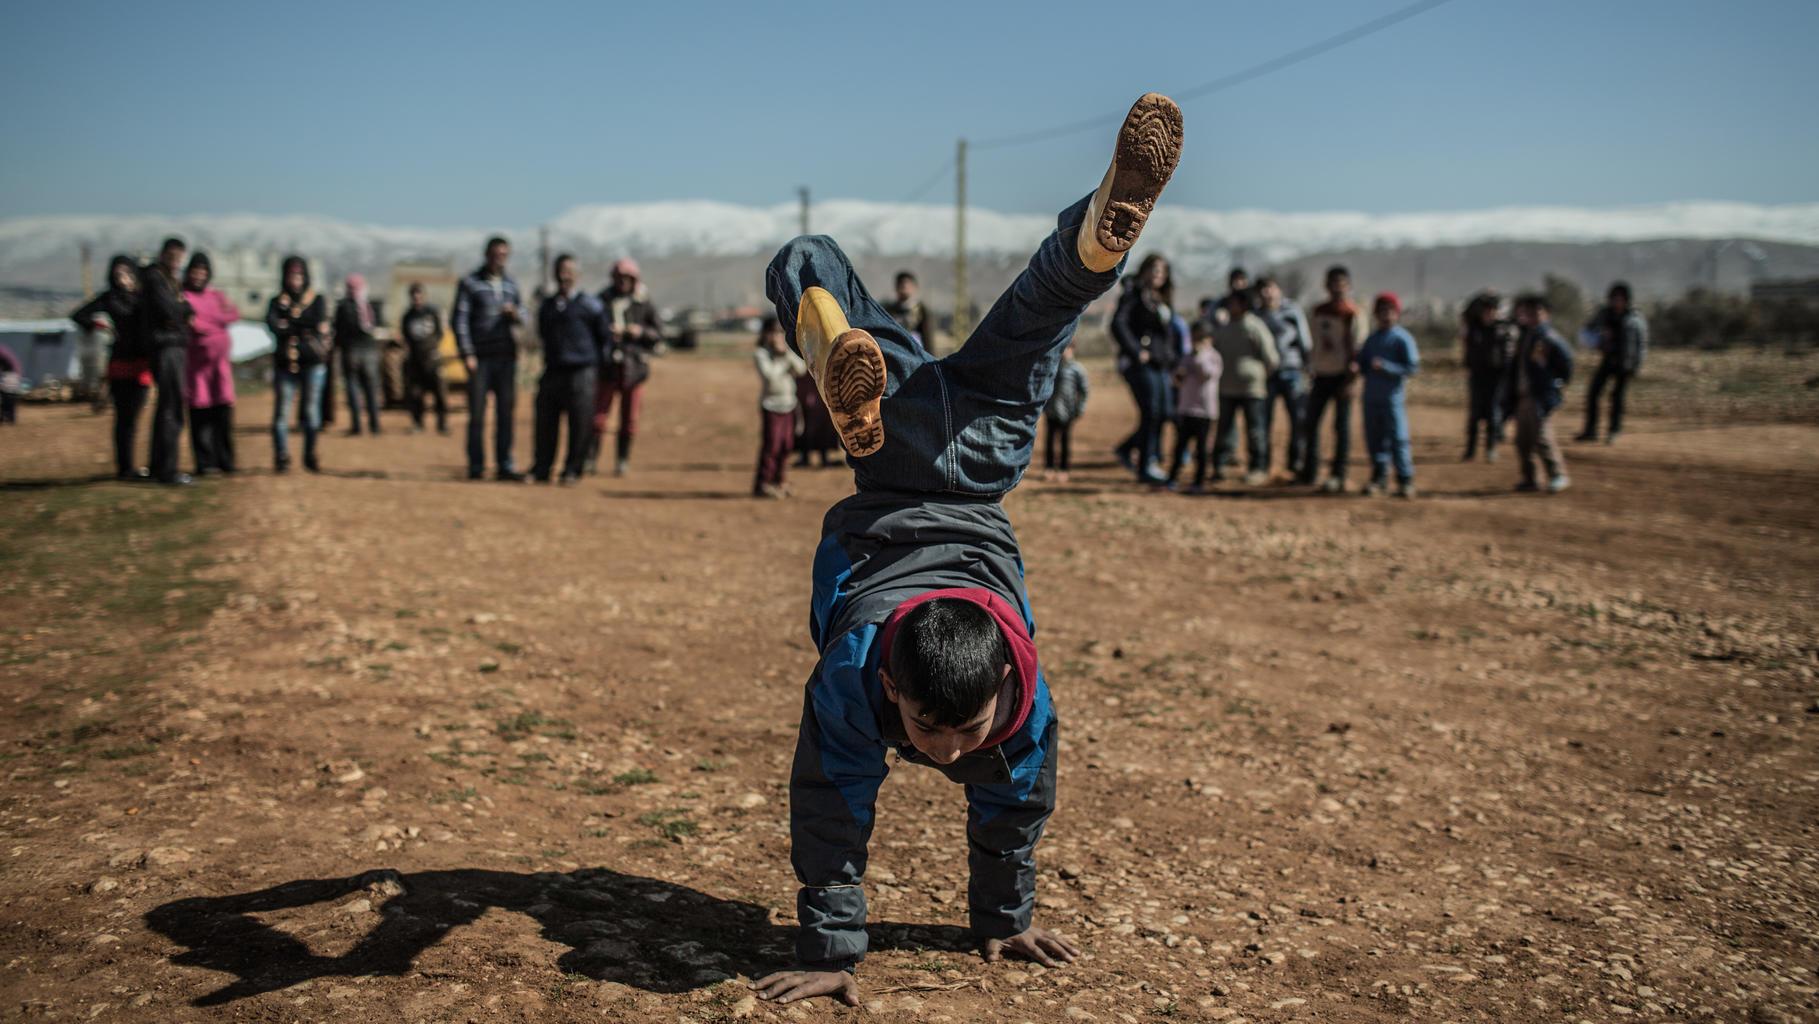 Ein Junge macht einen Handstand im Freien, während ca. 20 Menschen zuschauen.